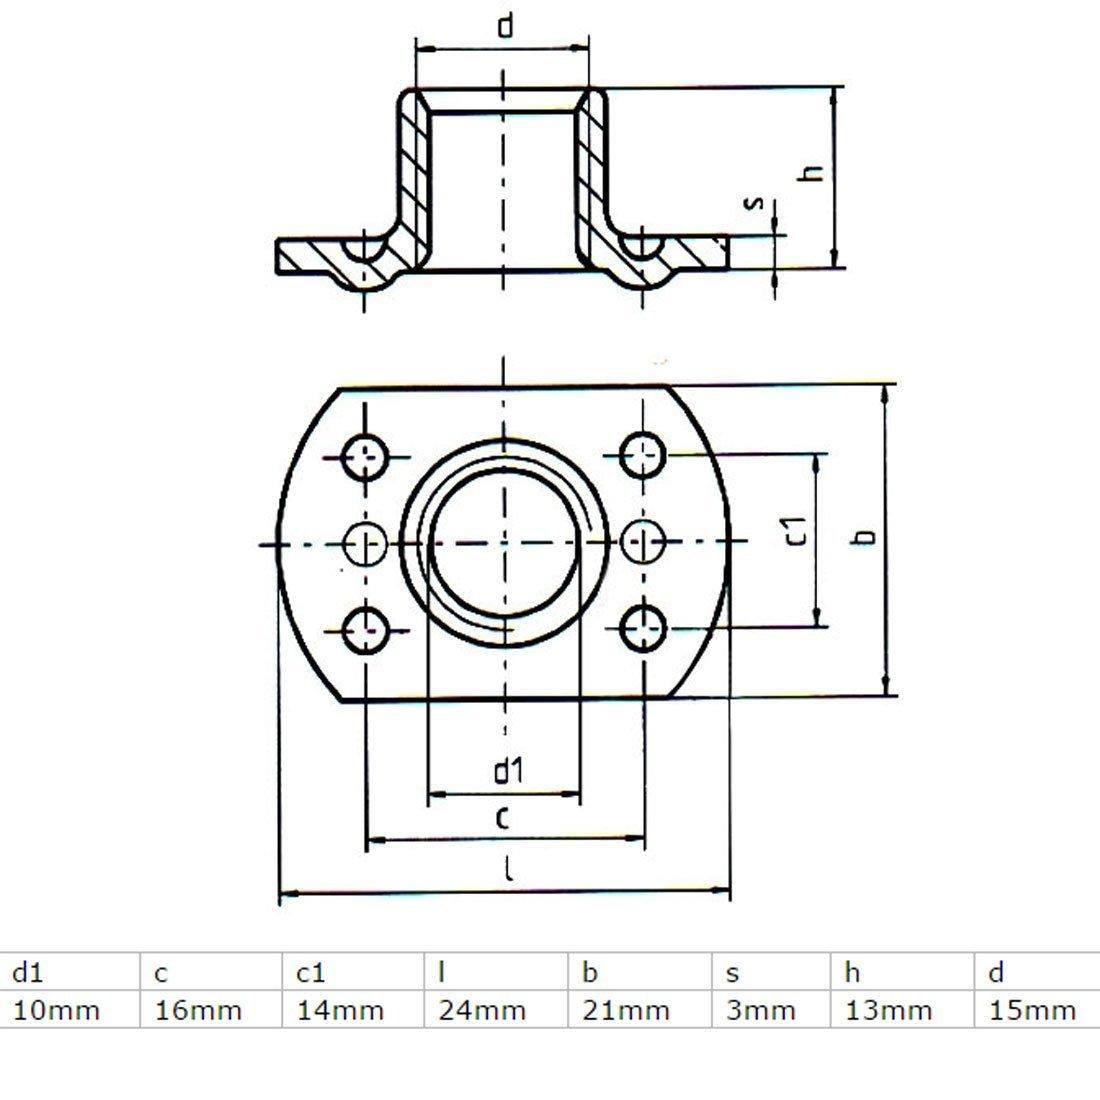 eDealMax a16041100ux1654 tuercas de soldadura 7/16 '' - 24 en Forma de T de Acero al carbono 4 DE proyección tuercas de soldadura 25Pcs